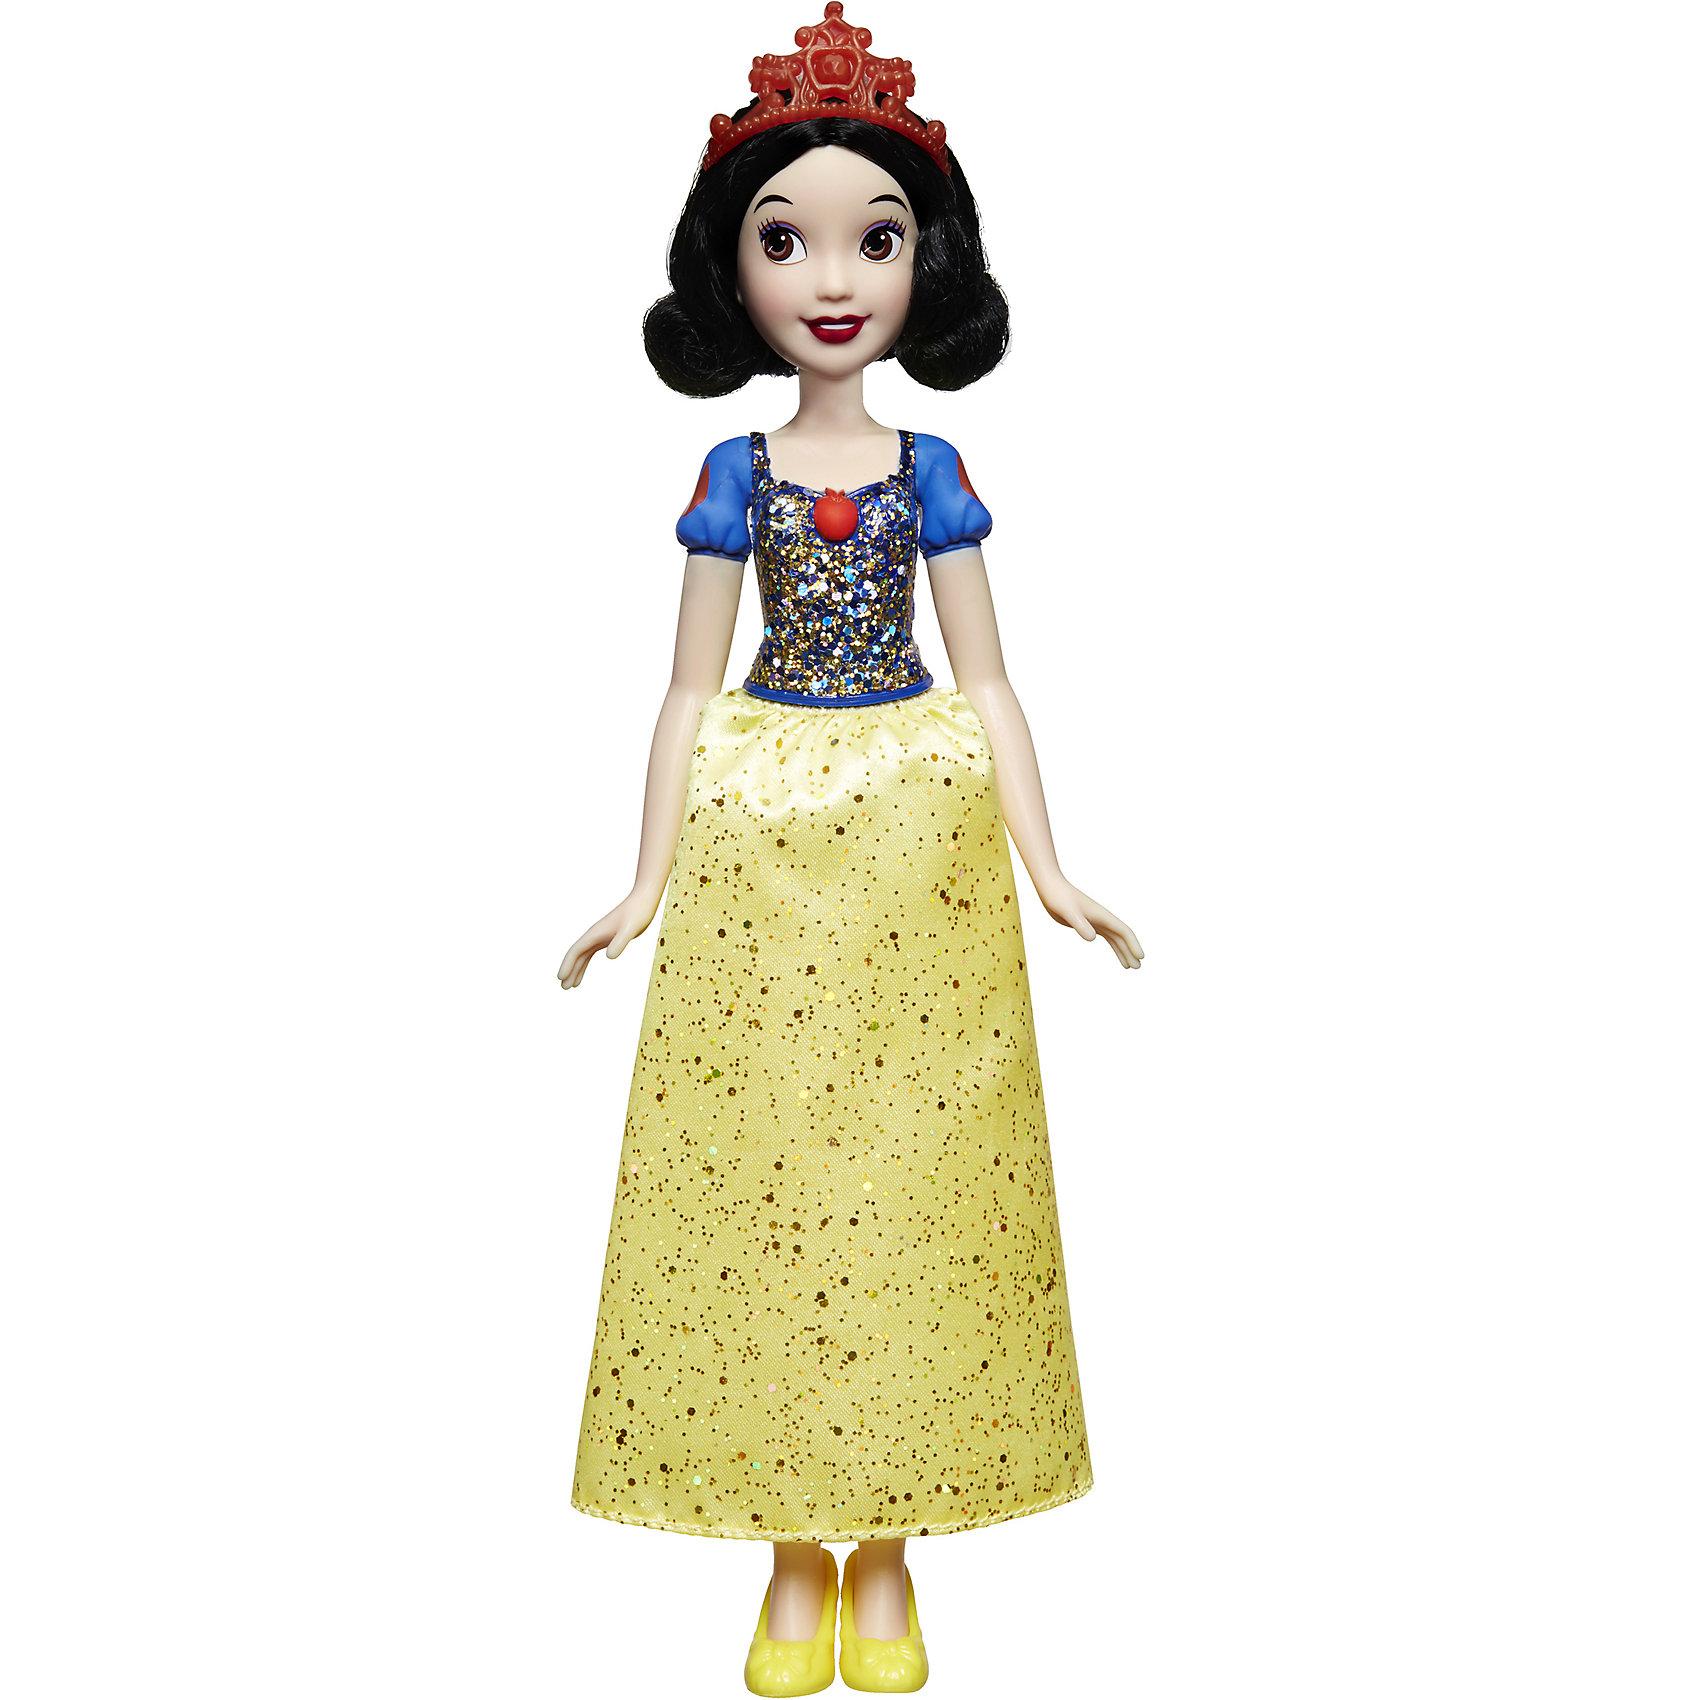 Кукла Белоснежка, Принцессы ДиснейПринцессы Игрушки<br>Кукла Белоснежка, Принцессы Дисней, станет прекрасным подарком для всех маленьких поклонниц диснеевских сказок. Кукла очень похожа на свою героиню из популярного мультфильма Белоснежка и семь гномов. Как и положено по сюжету, у куклы темные волосы до плеч и светлая кожа, красивое лицо украшено ярким макияжем. Белоснежка одета в нарядное платье принцессы: ярко-синий топ с рукавами-фонариками и роскошная желтая юбка с блестками и изысканными узорами. Наряд дополняют изящные желтые туфельки и красный ободок с бантиком в волосах. У куклы подвижные руки и ноги и голова.<br><br>Дополнительная информация:<br><br>- Материал: пластик, текстиль.<br>- Высота куклы: 28 см.<br>- Размер упаковки: 15 x 5 x 36 см.<br>- Вес: 0,17 кг.<br><br>Куклу Белоснежка, Принцессы Дисней, можно купить в нашем интернет-магазине.<br><br>Ширина мм: 324<br>Глубина мм: 154<br>Высота мм: 55<br>Вес г: 171<br>Возраст от месяцев: 36<br>Возраст до месяцев: 72<br>Пол: Женский<br>Возраст: Детский<br>SKU: 4351503